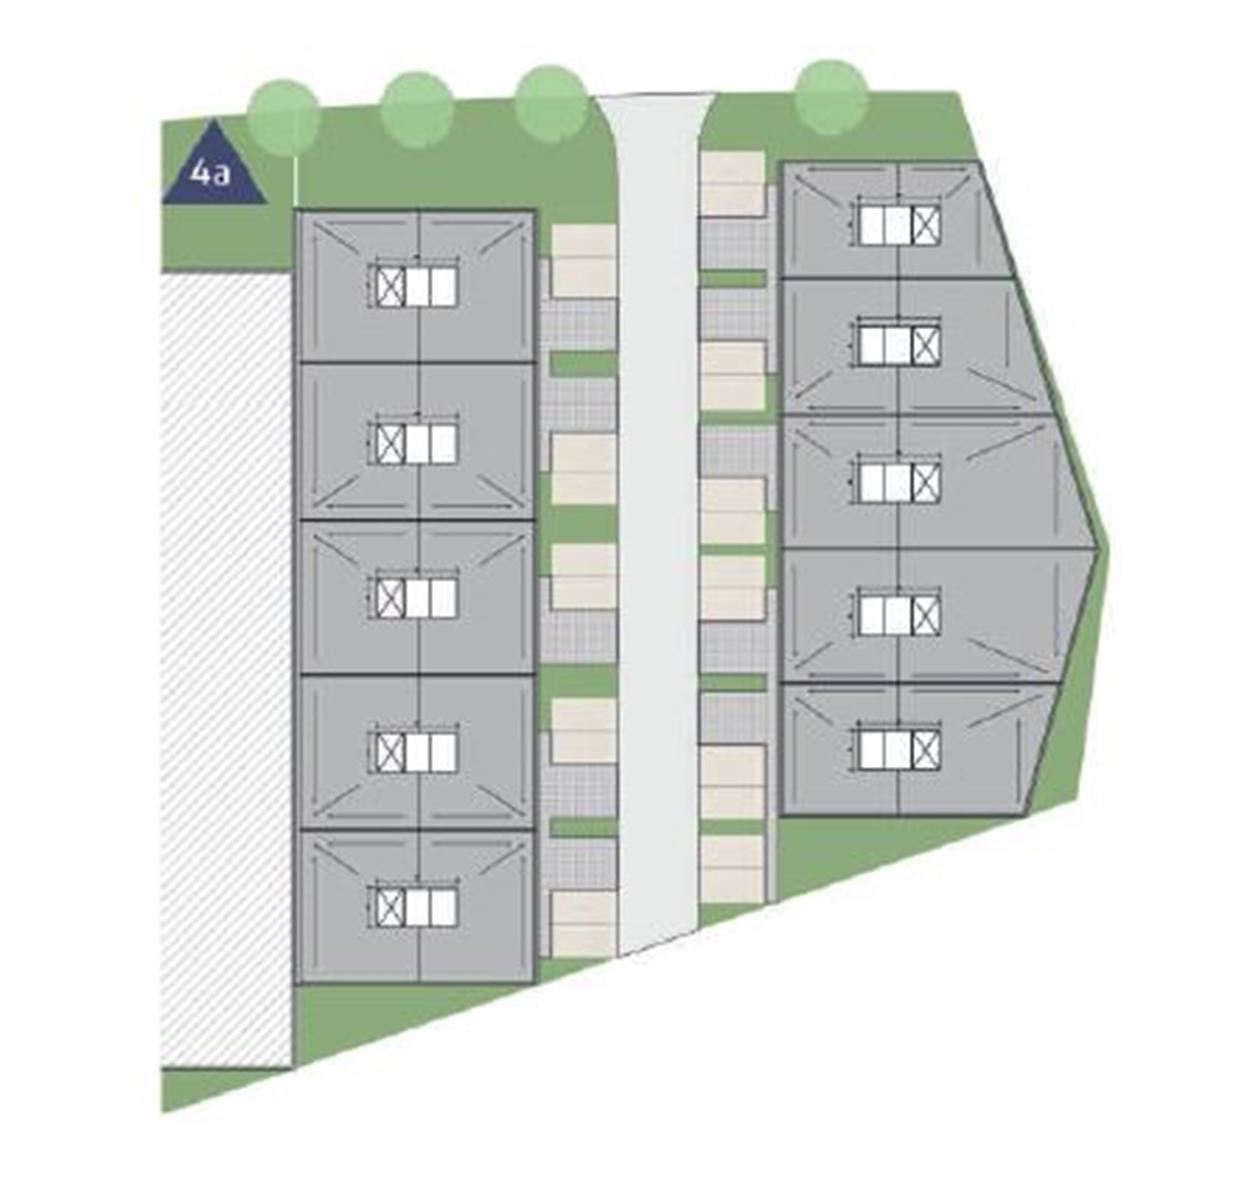 KMO-unit verkocht UNIT 4.1.3 Bollaarstraat 6